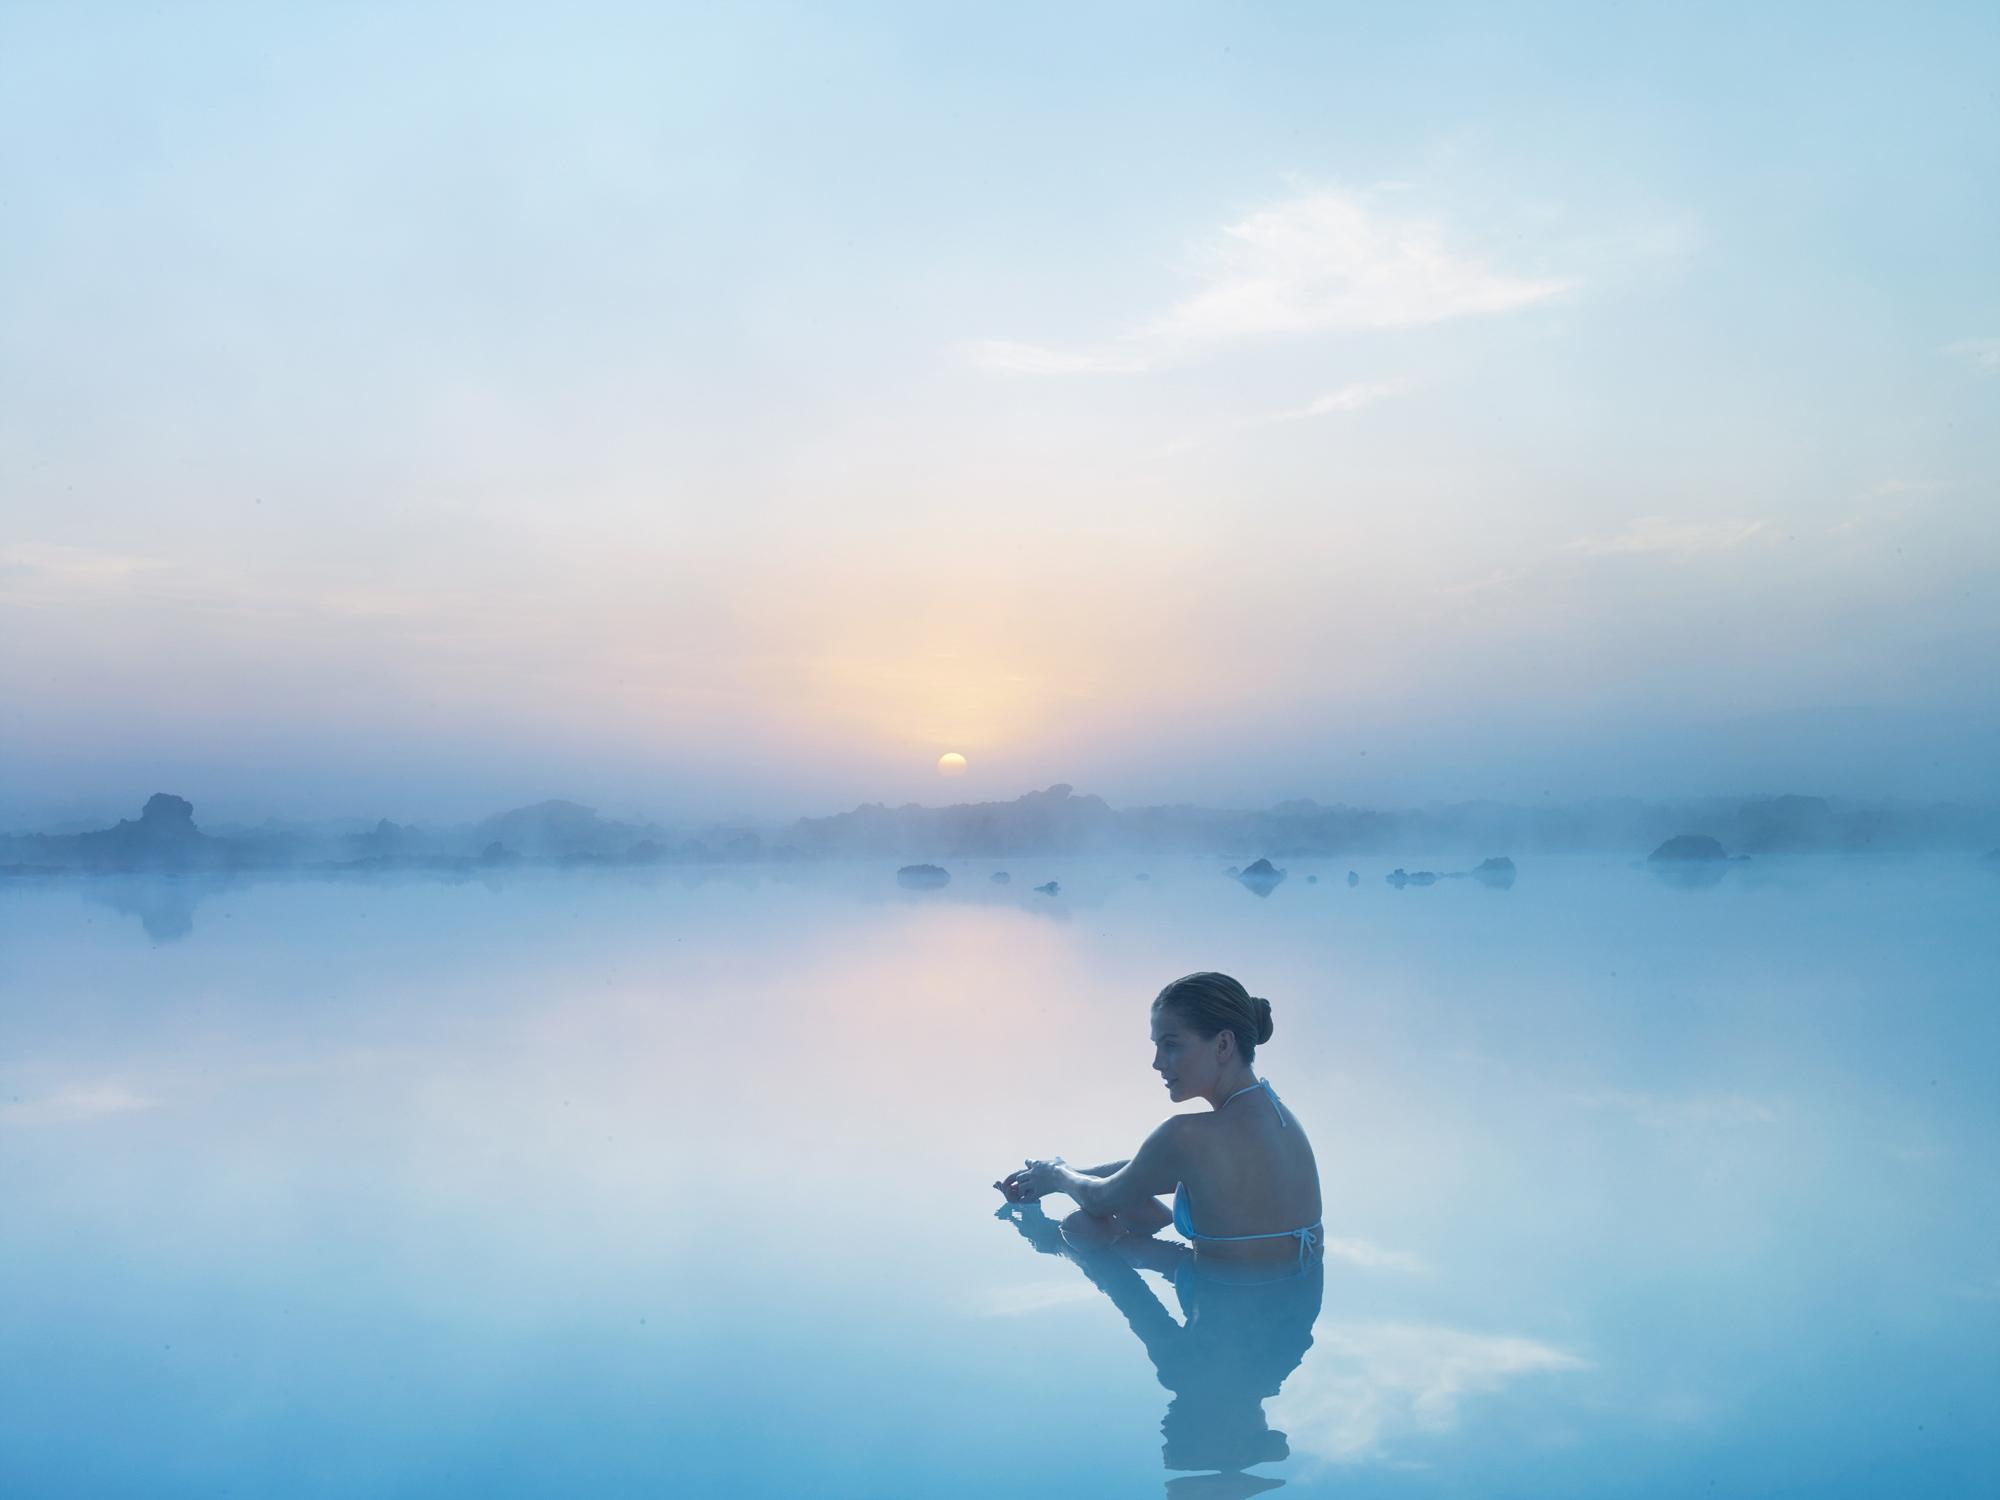 Halvön Reykjanes erbjuder en mängd sommaraktiviteter för besökare, men under den sista dagen efter en vecka full av äventyr föredrar många att bara ta det lugnt i Blå lagunens mineralrika vatten.